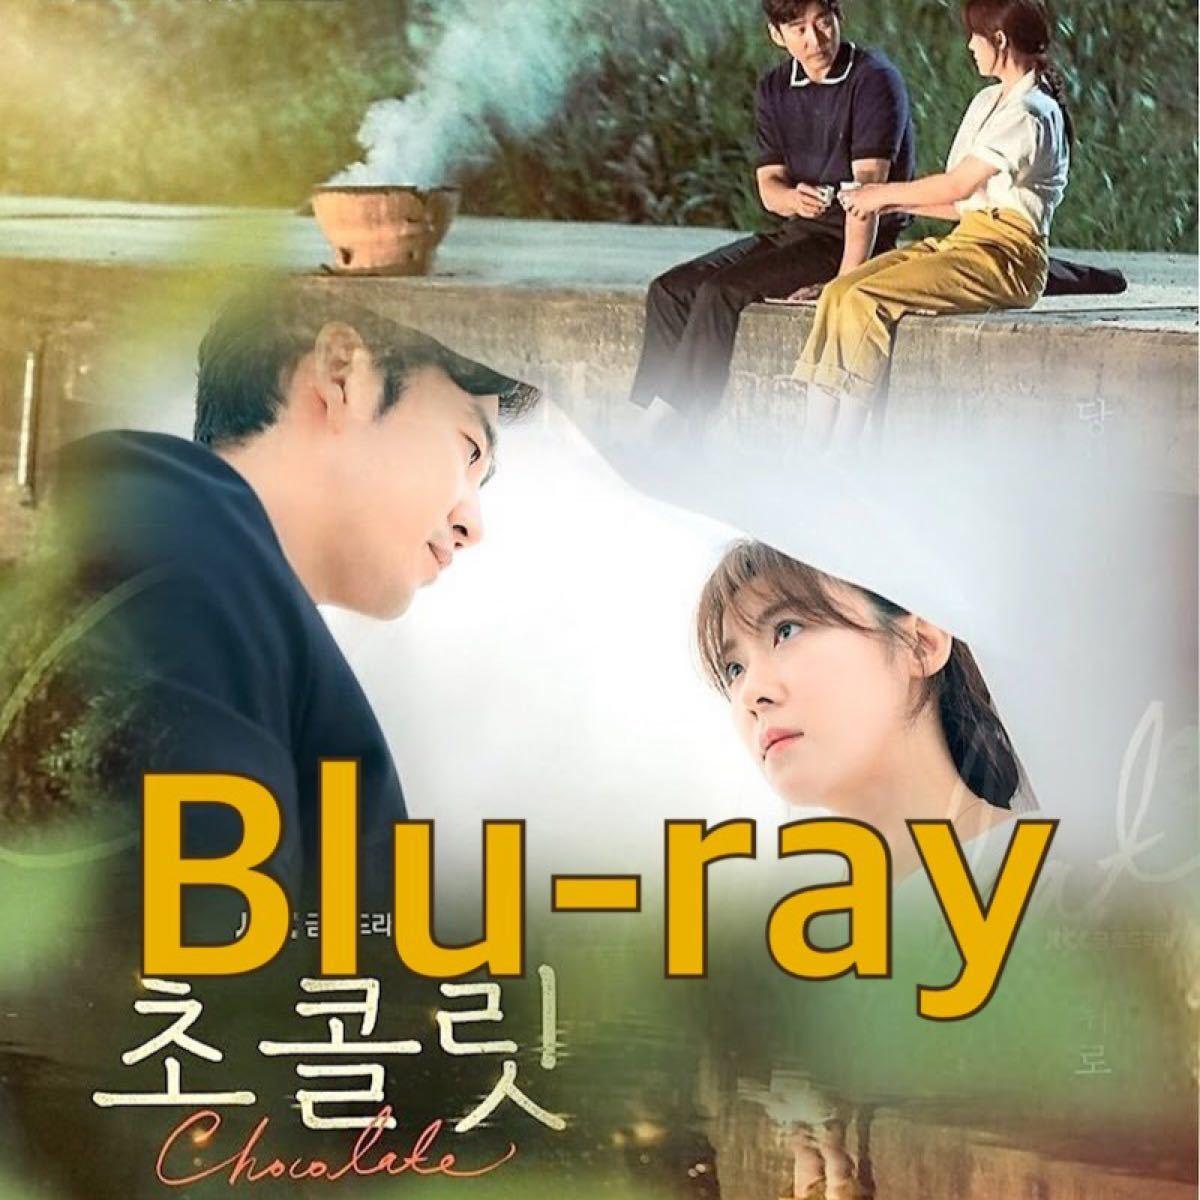 韓国ドラマ チョコレート Blu-ray